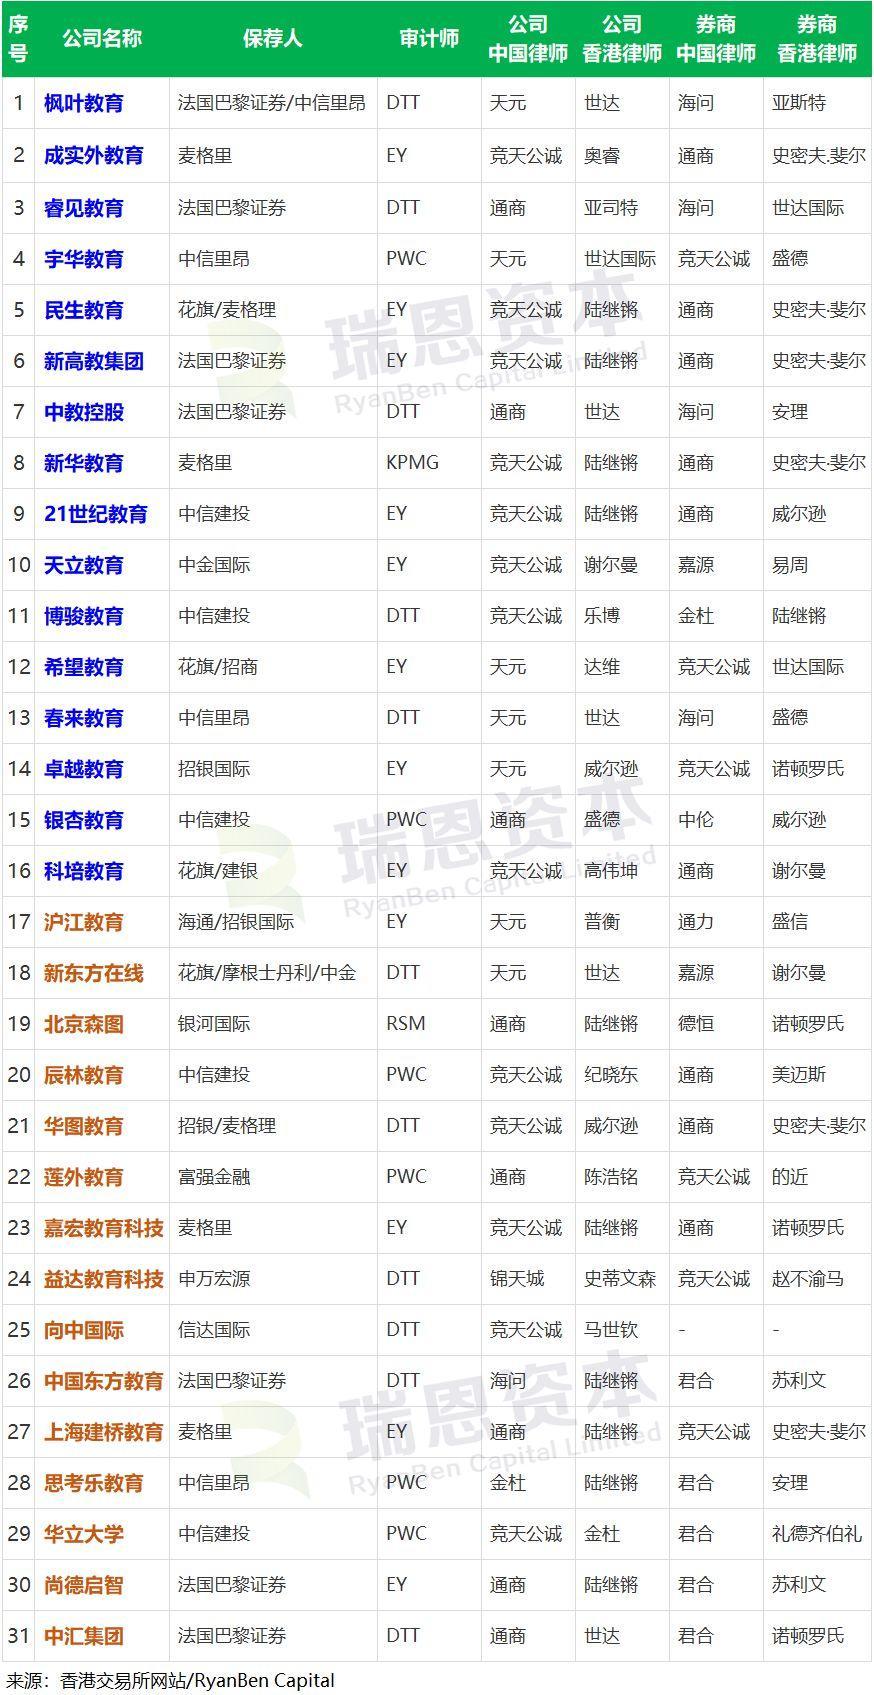 教育企业香港IPO上市盘点 (截至2019年2月1日)